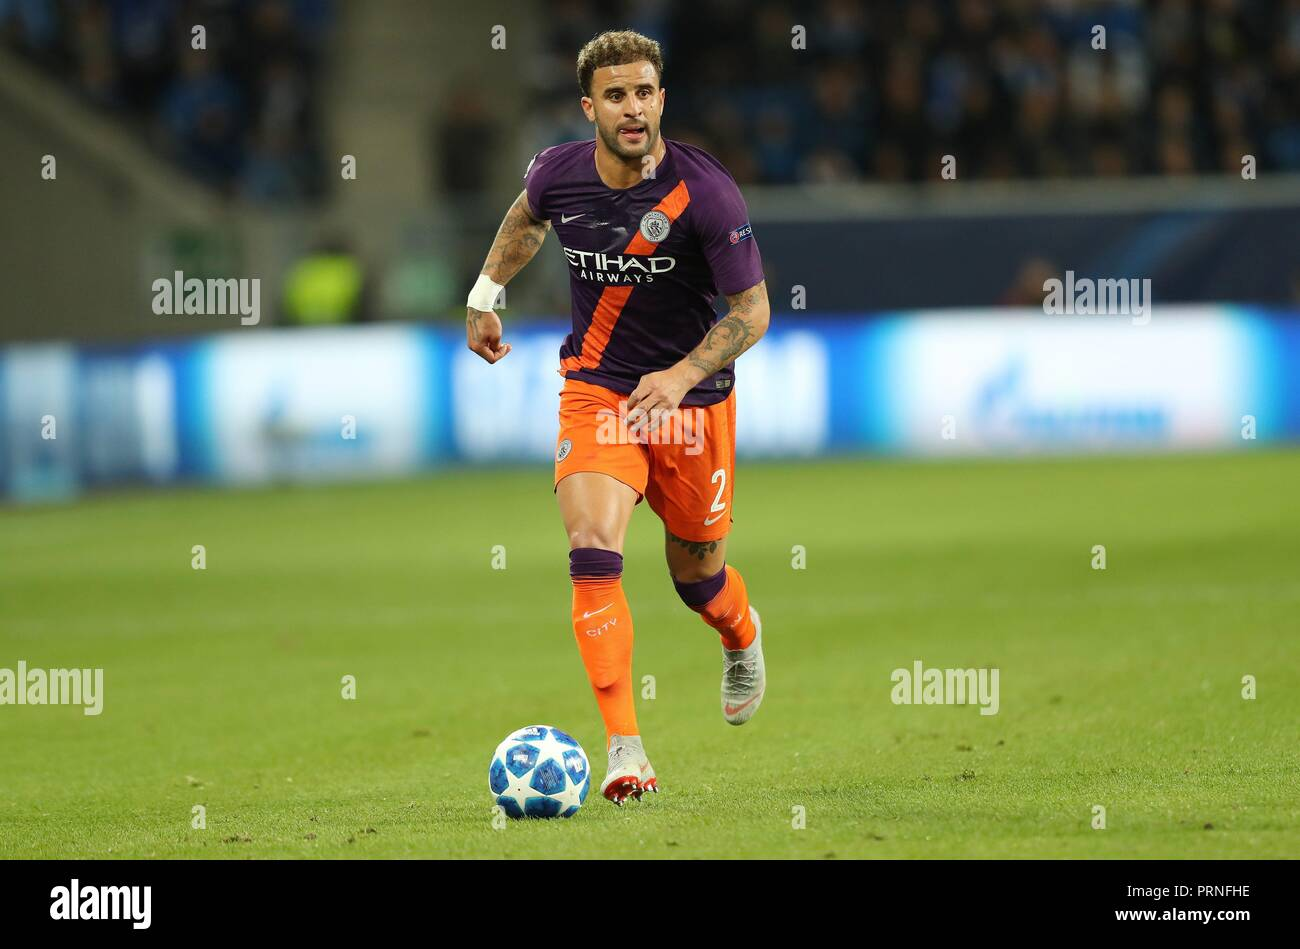 firo: 02.10.2018 Football, Football, Champions League: TSG Hoffenheim - Manchester City 1: 2 Kyle Walker, single action   usage worldwide - Stock Image